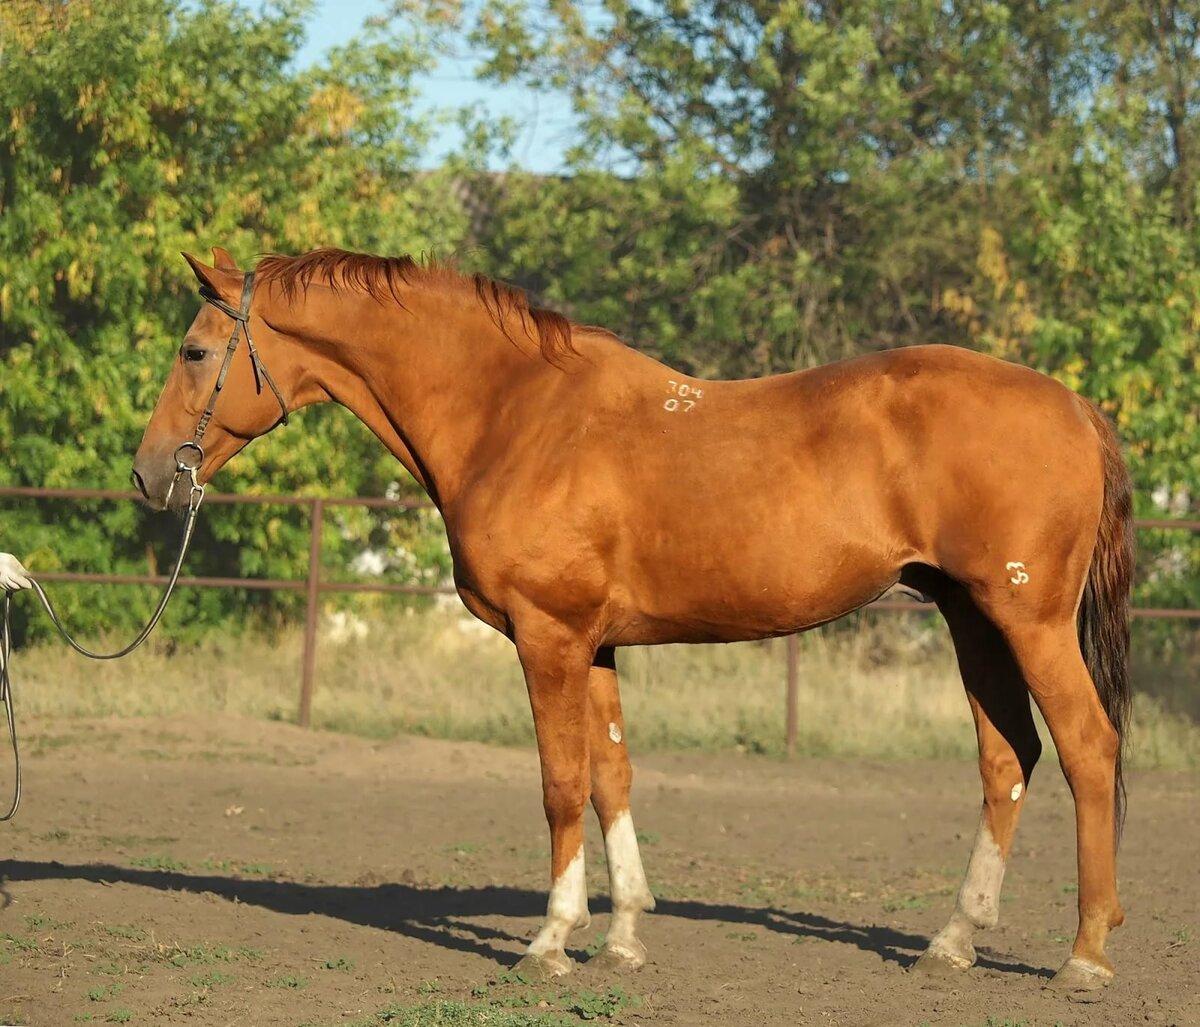 таллинна лошади картинки донская организовал